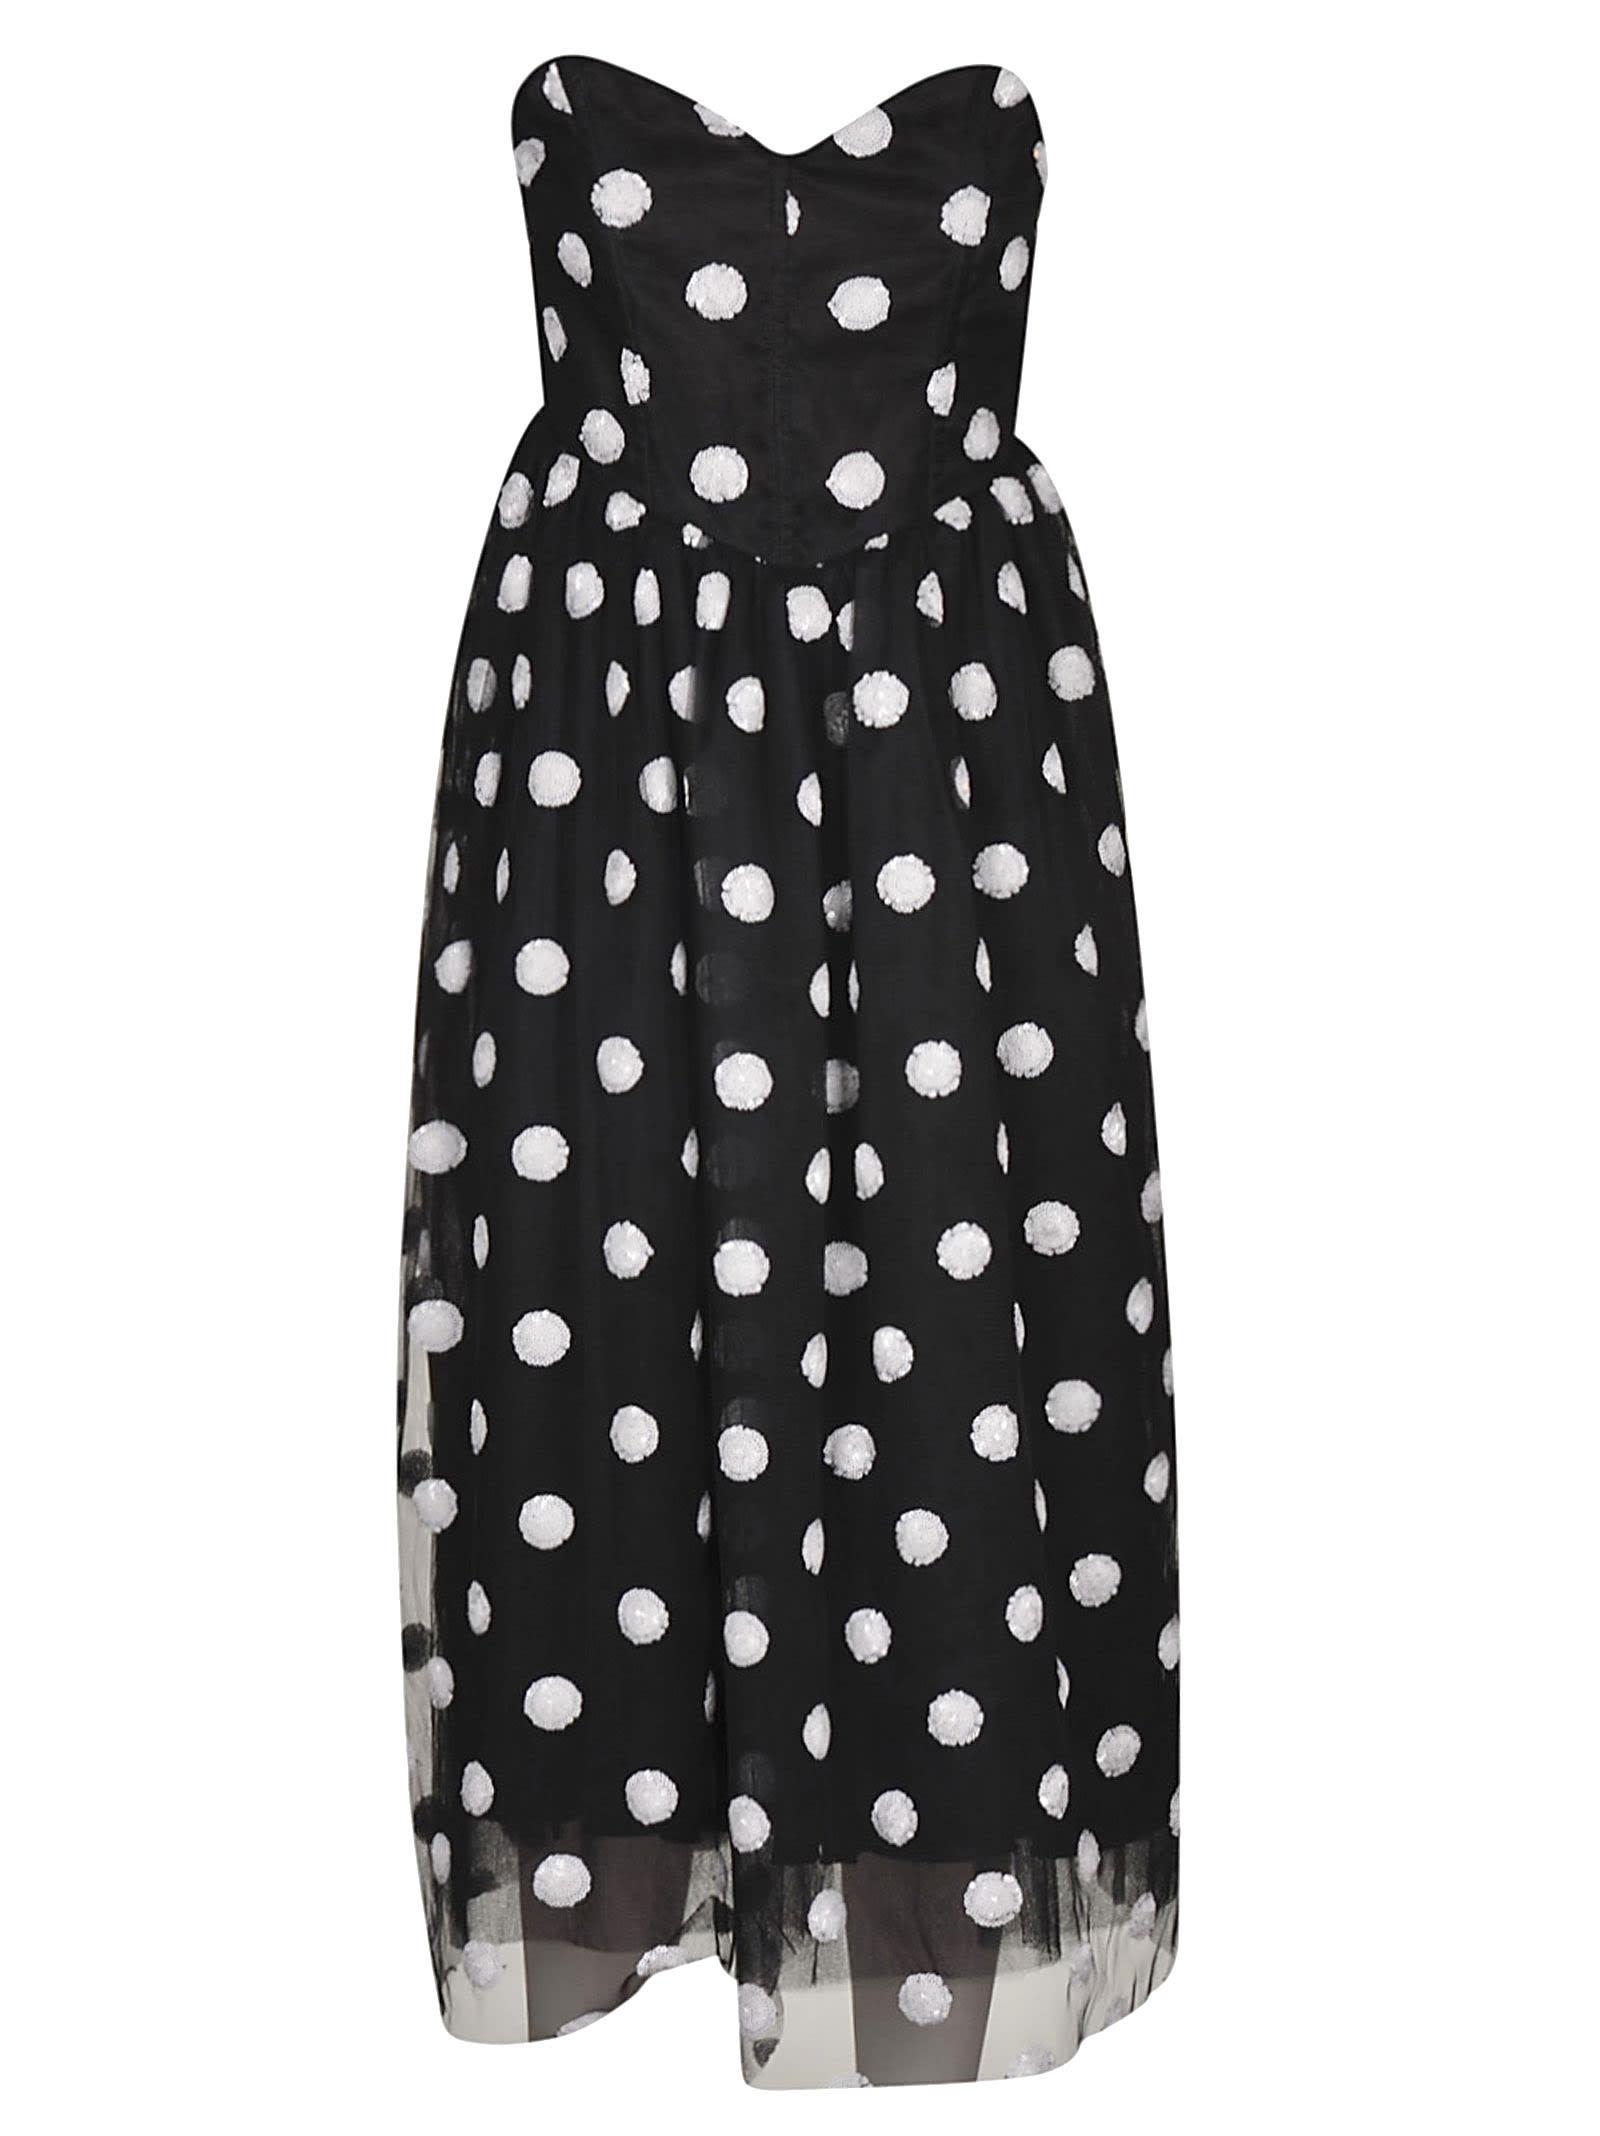 Buy Giuseppe di Morabito Polka-dot Lace Dress online, shop Giuseppe di Morabito with free shipping